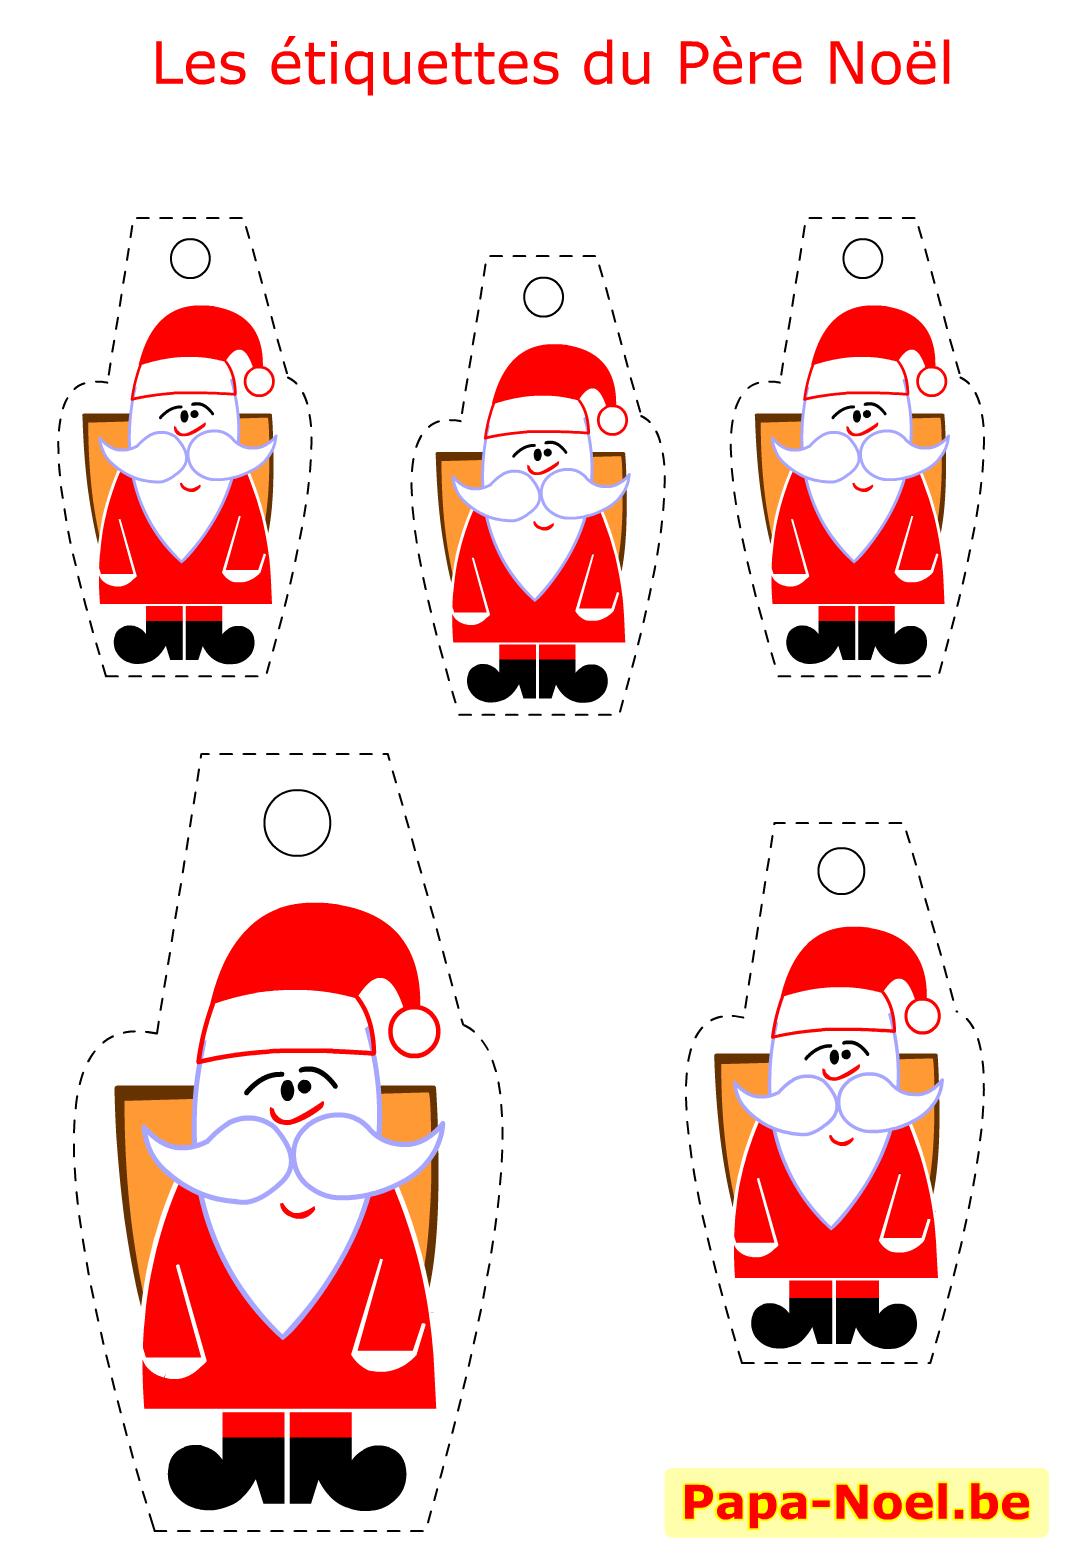 Bricolage Enfant Pere Noel Etiquettes A Imprimer Gratuites dedans Etiquette Cadeau Noel A Imprimer Gratuitement